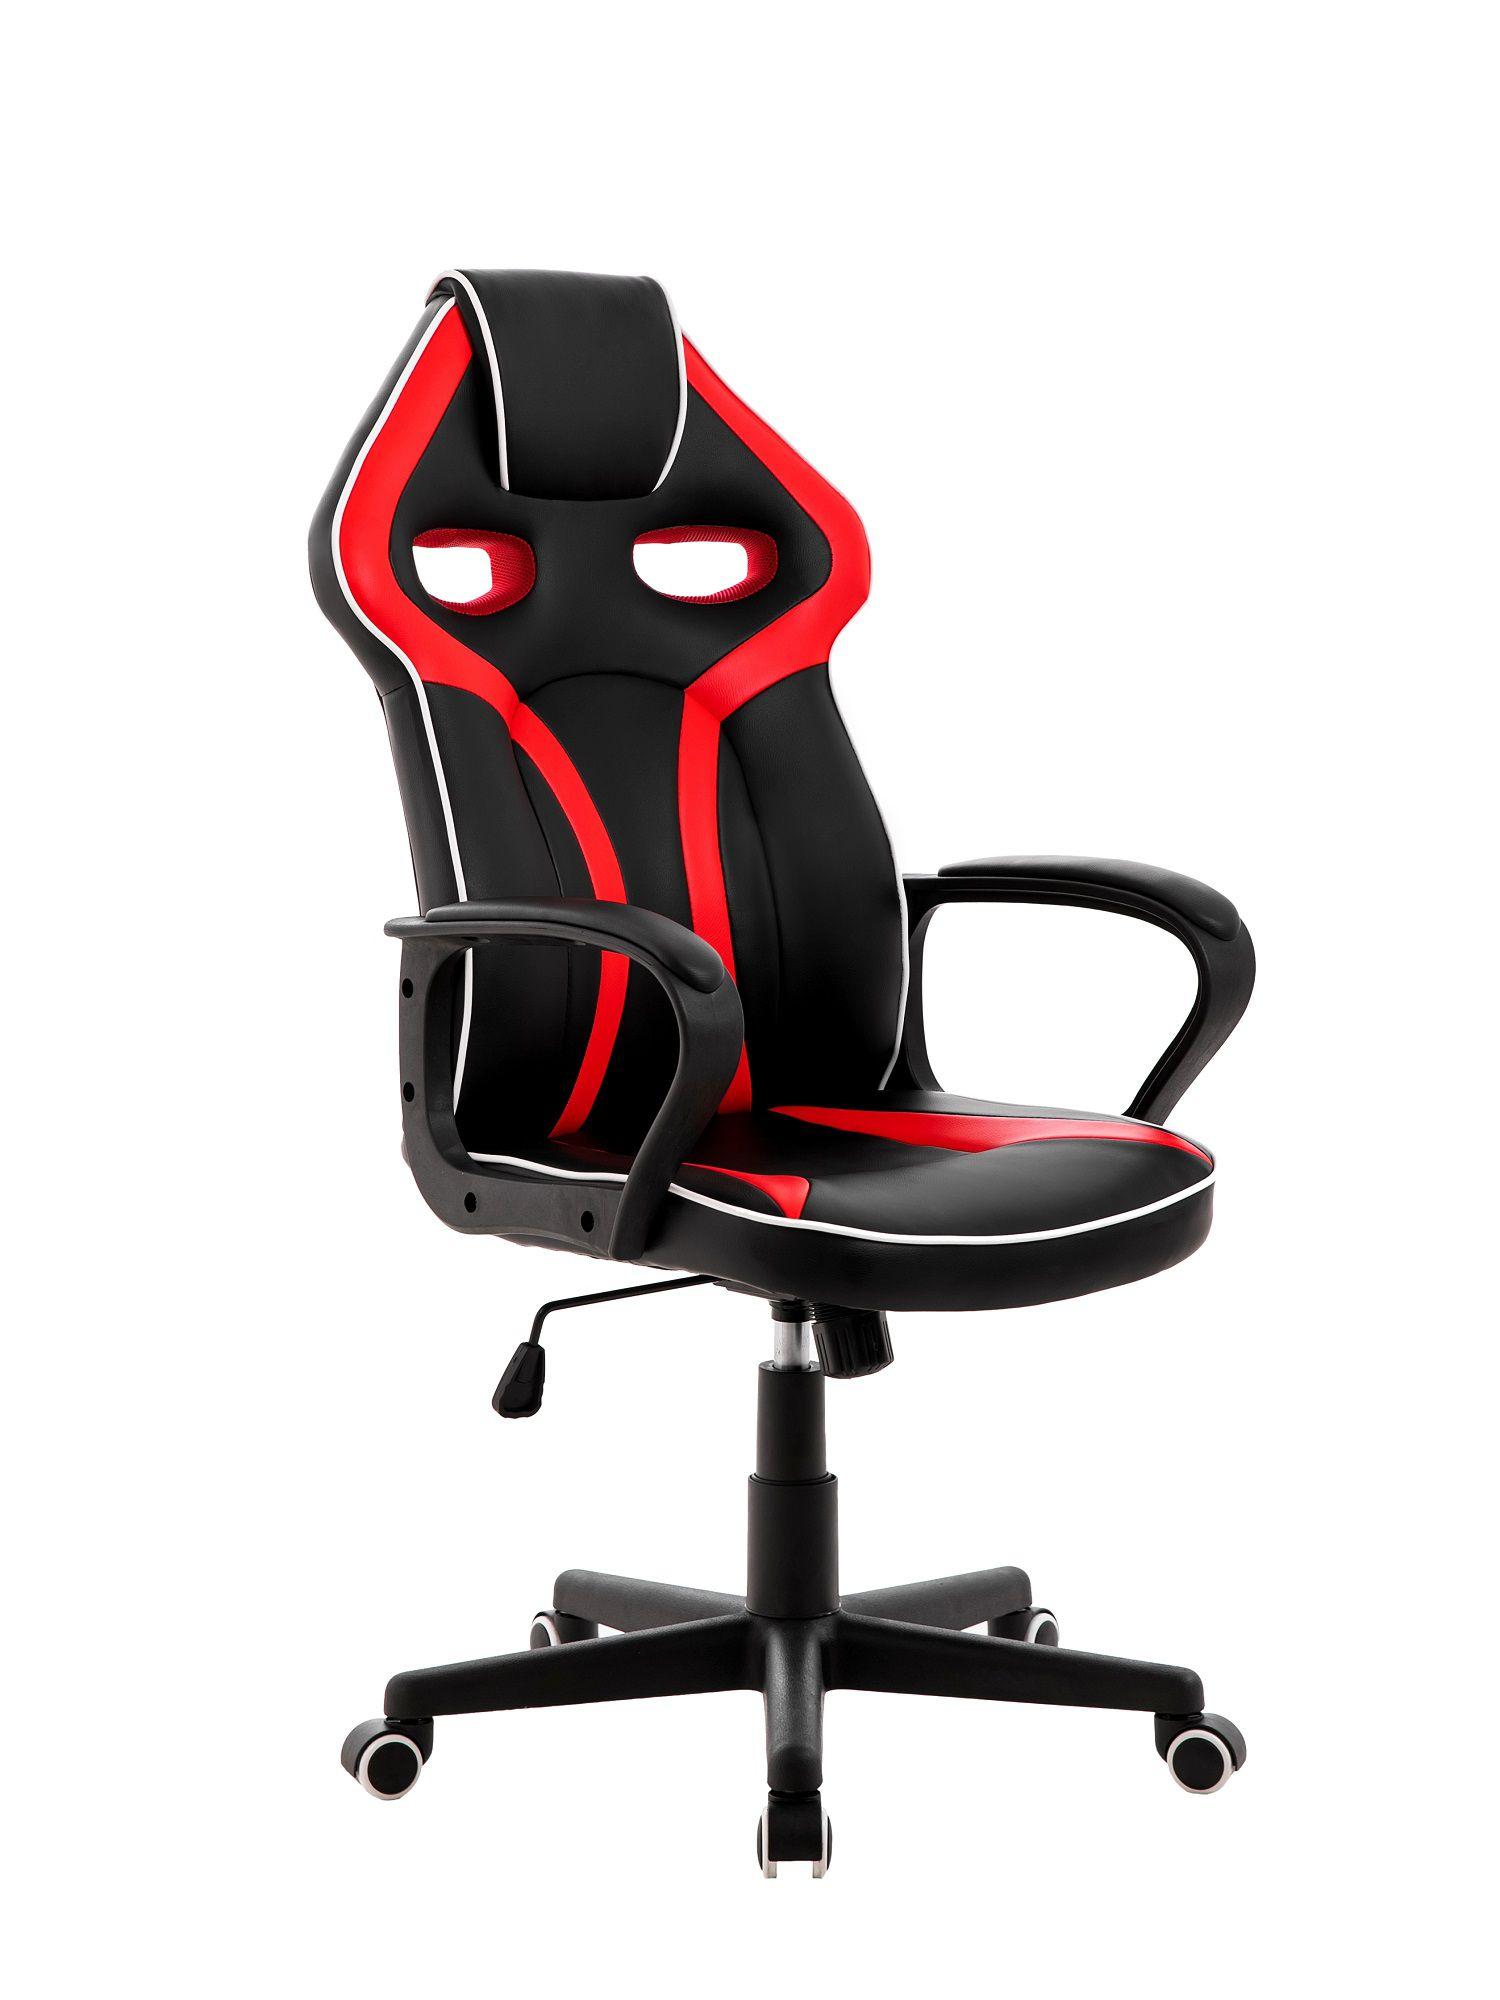 Cadeira Gamer Giratória Regulável + Sistema Relax Vermelha Buff - at.home